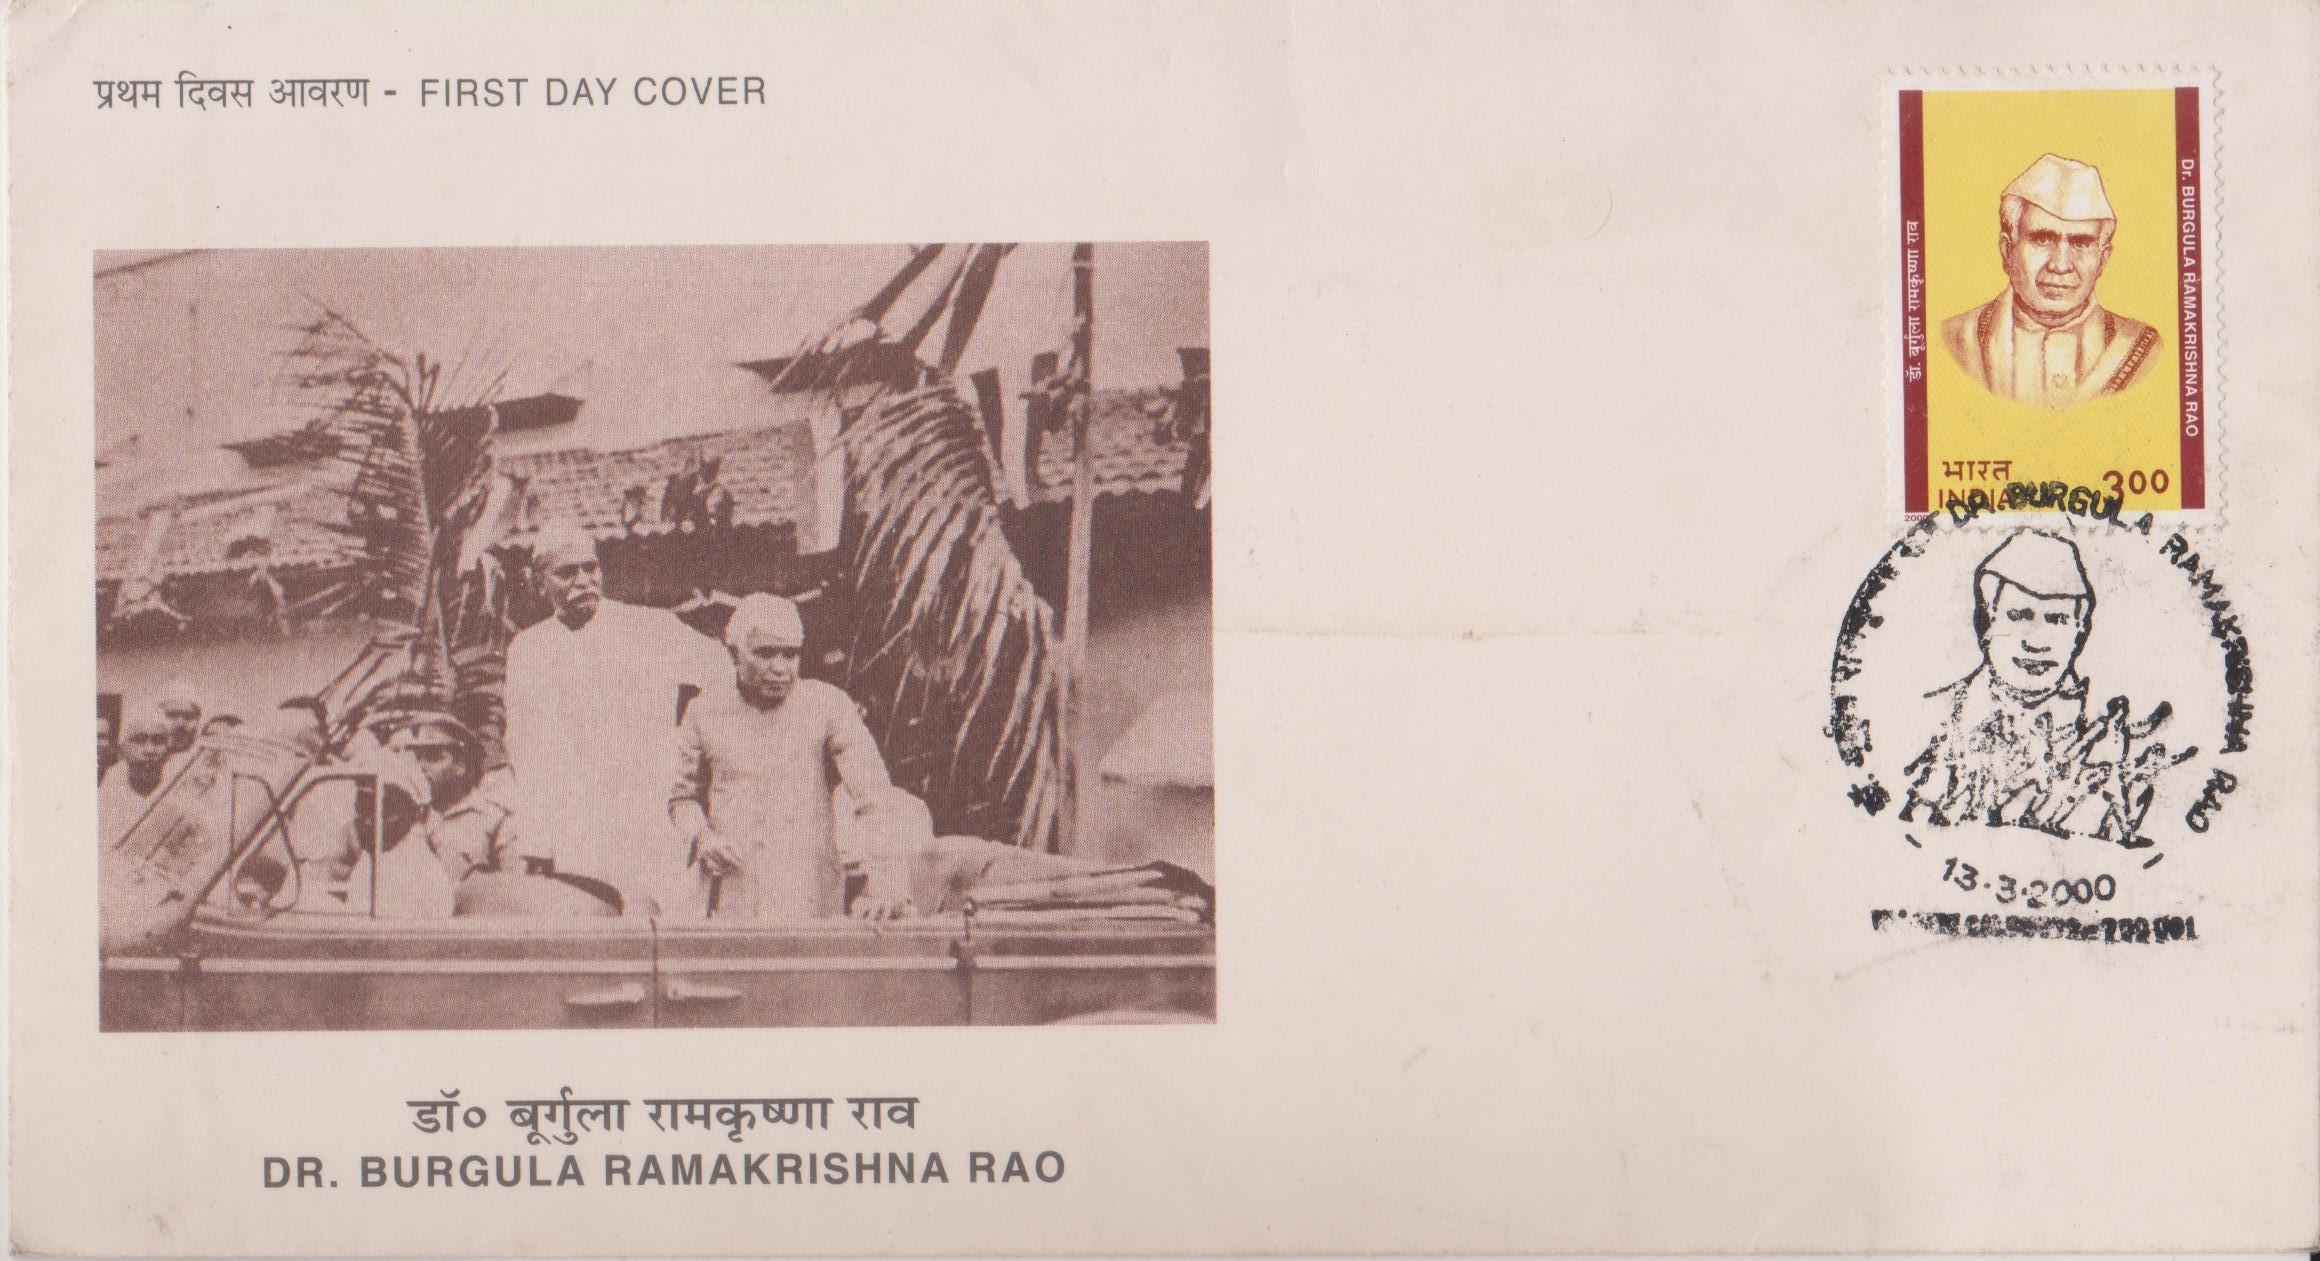 Pullamraju Ramakrishnarao and Dr. Rajendra Prasad